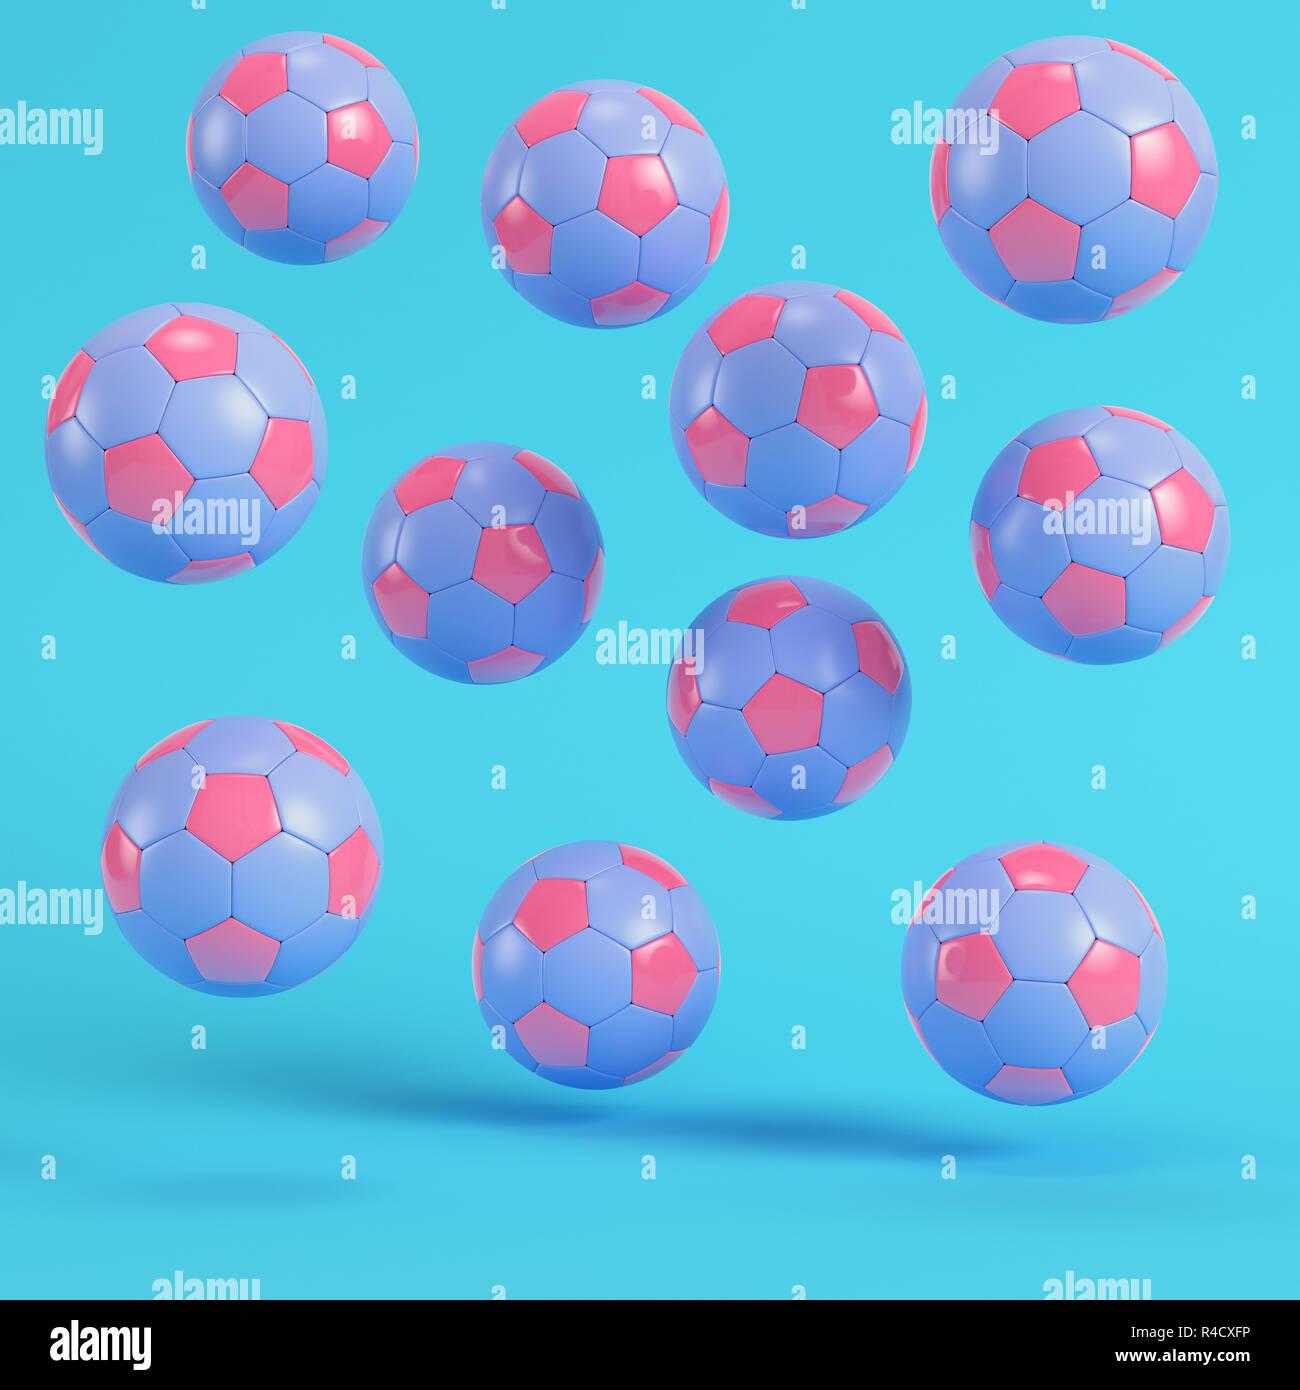 Rosa volando pelotas de fútbol sobre fondo azul brillante en colores  pastel. El minimalismo conceptual. 3D Render 1eb53c1158e45